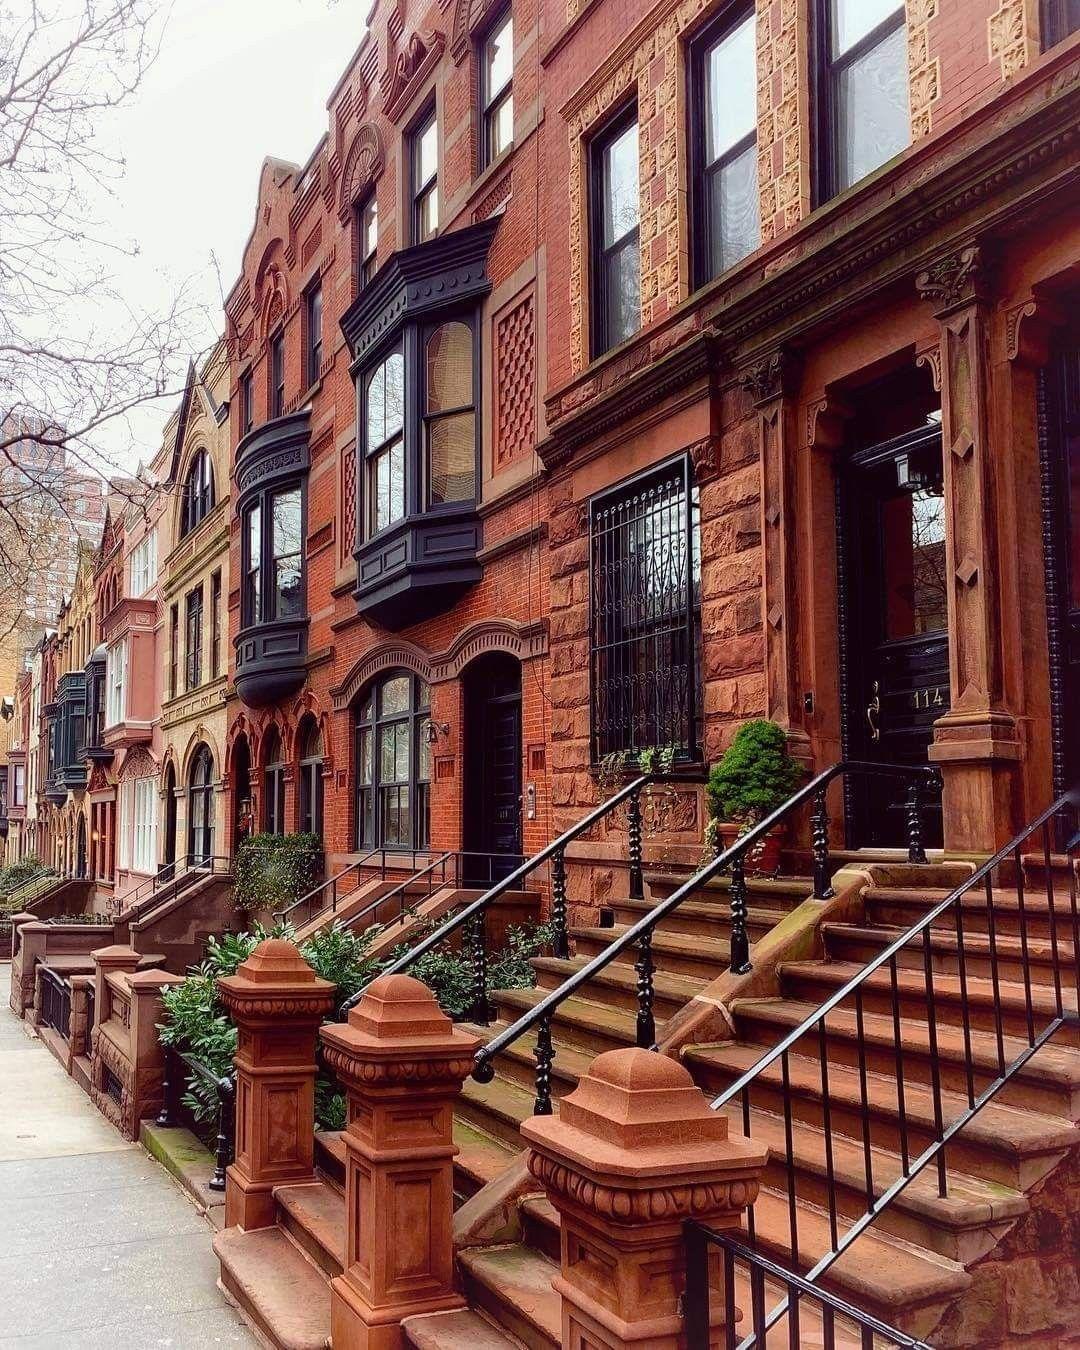 Manhattan S Upper East Side Ellenjoy26 Via Ig East Village Nyc Upper East Side New York Pictures